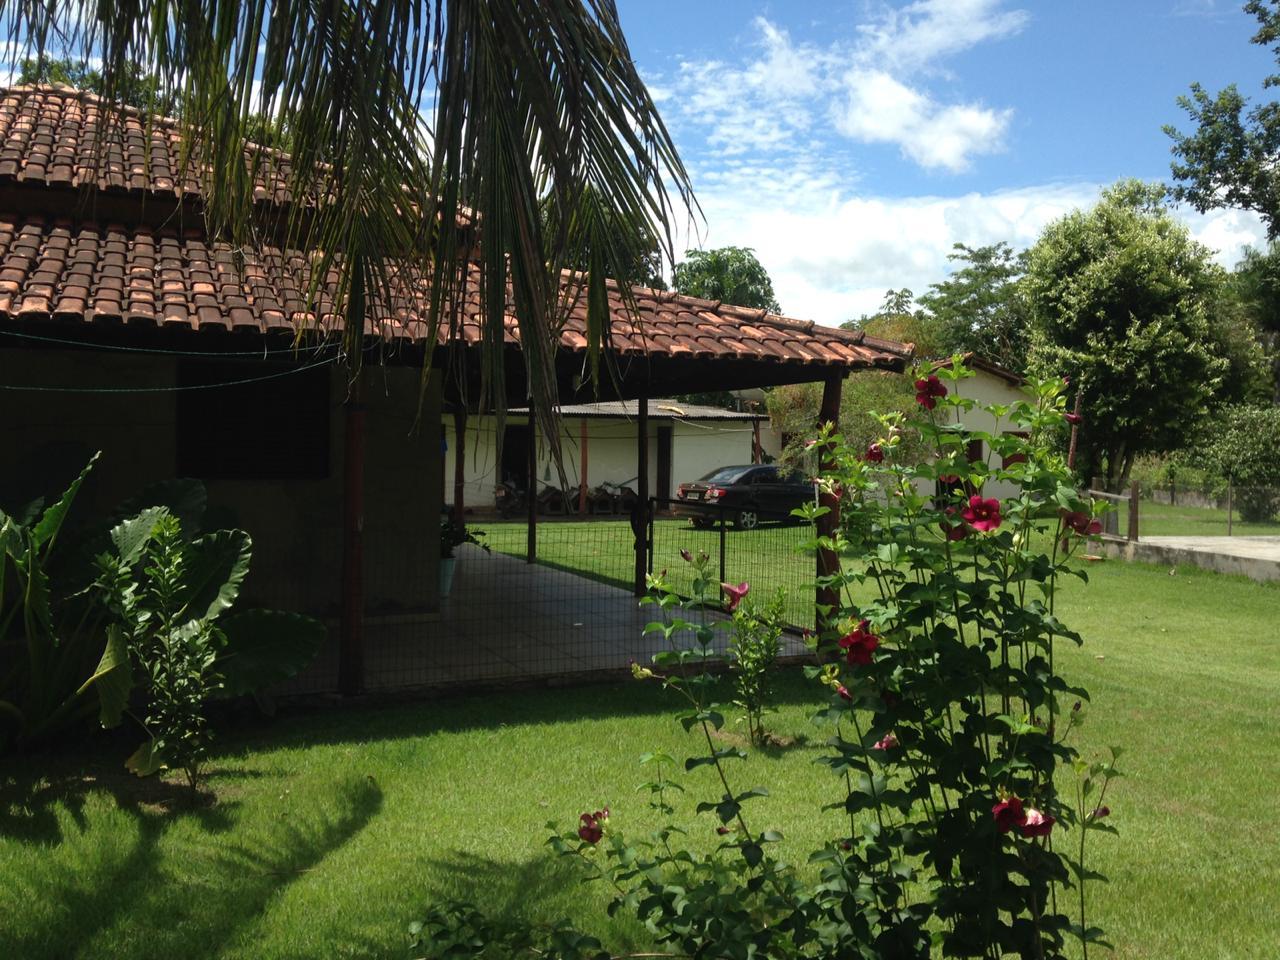 Chácara Sítio  com 2 quartos no zona rural, Acorizal  - MT